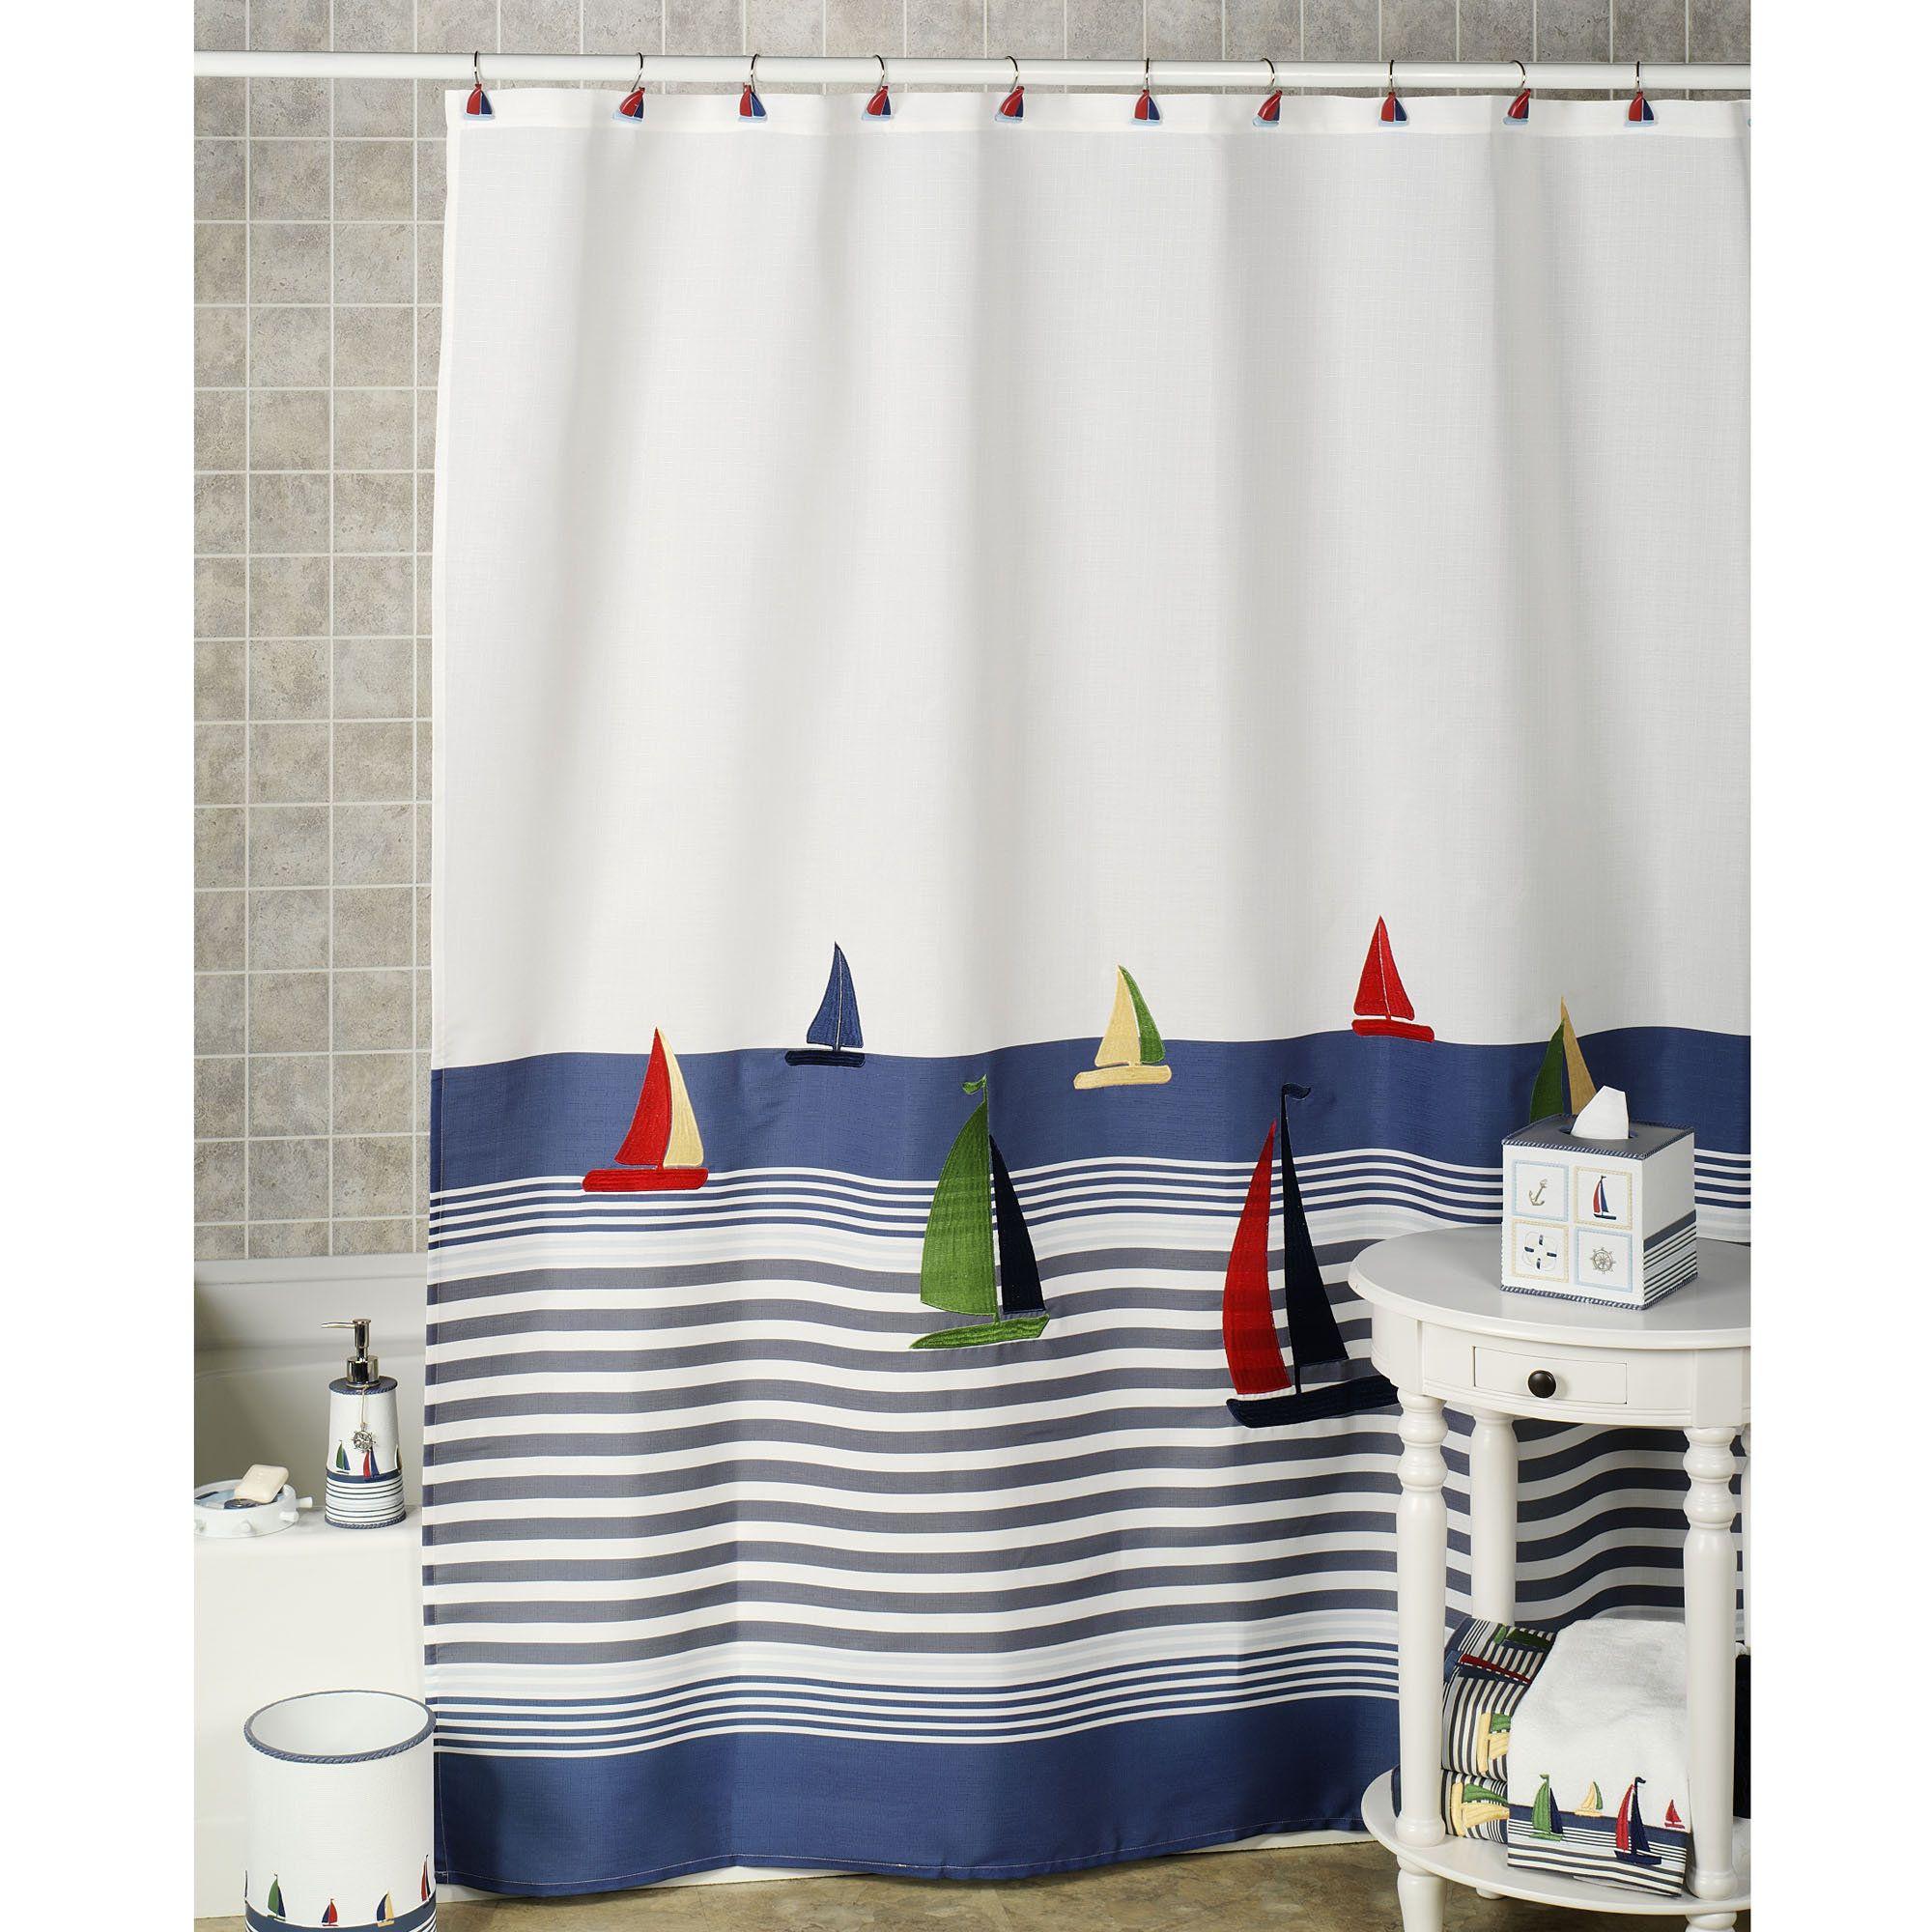 Nautical Shower Curtains And Bath Accessories - Beach ...